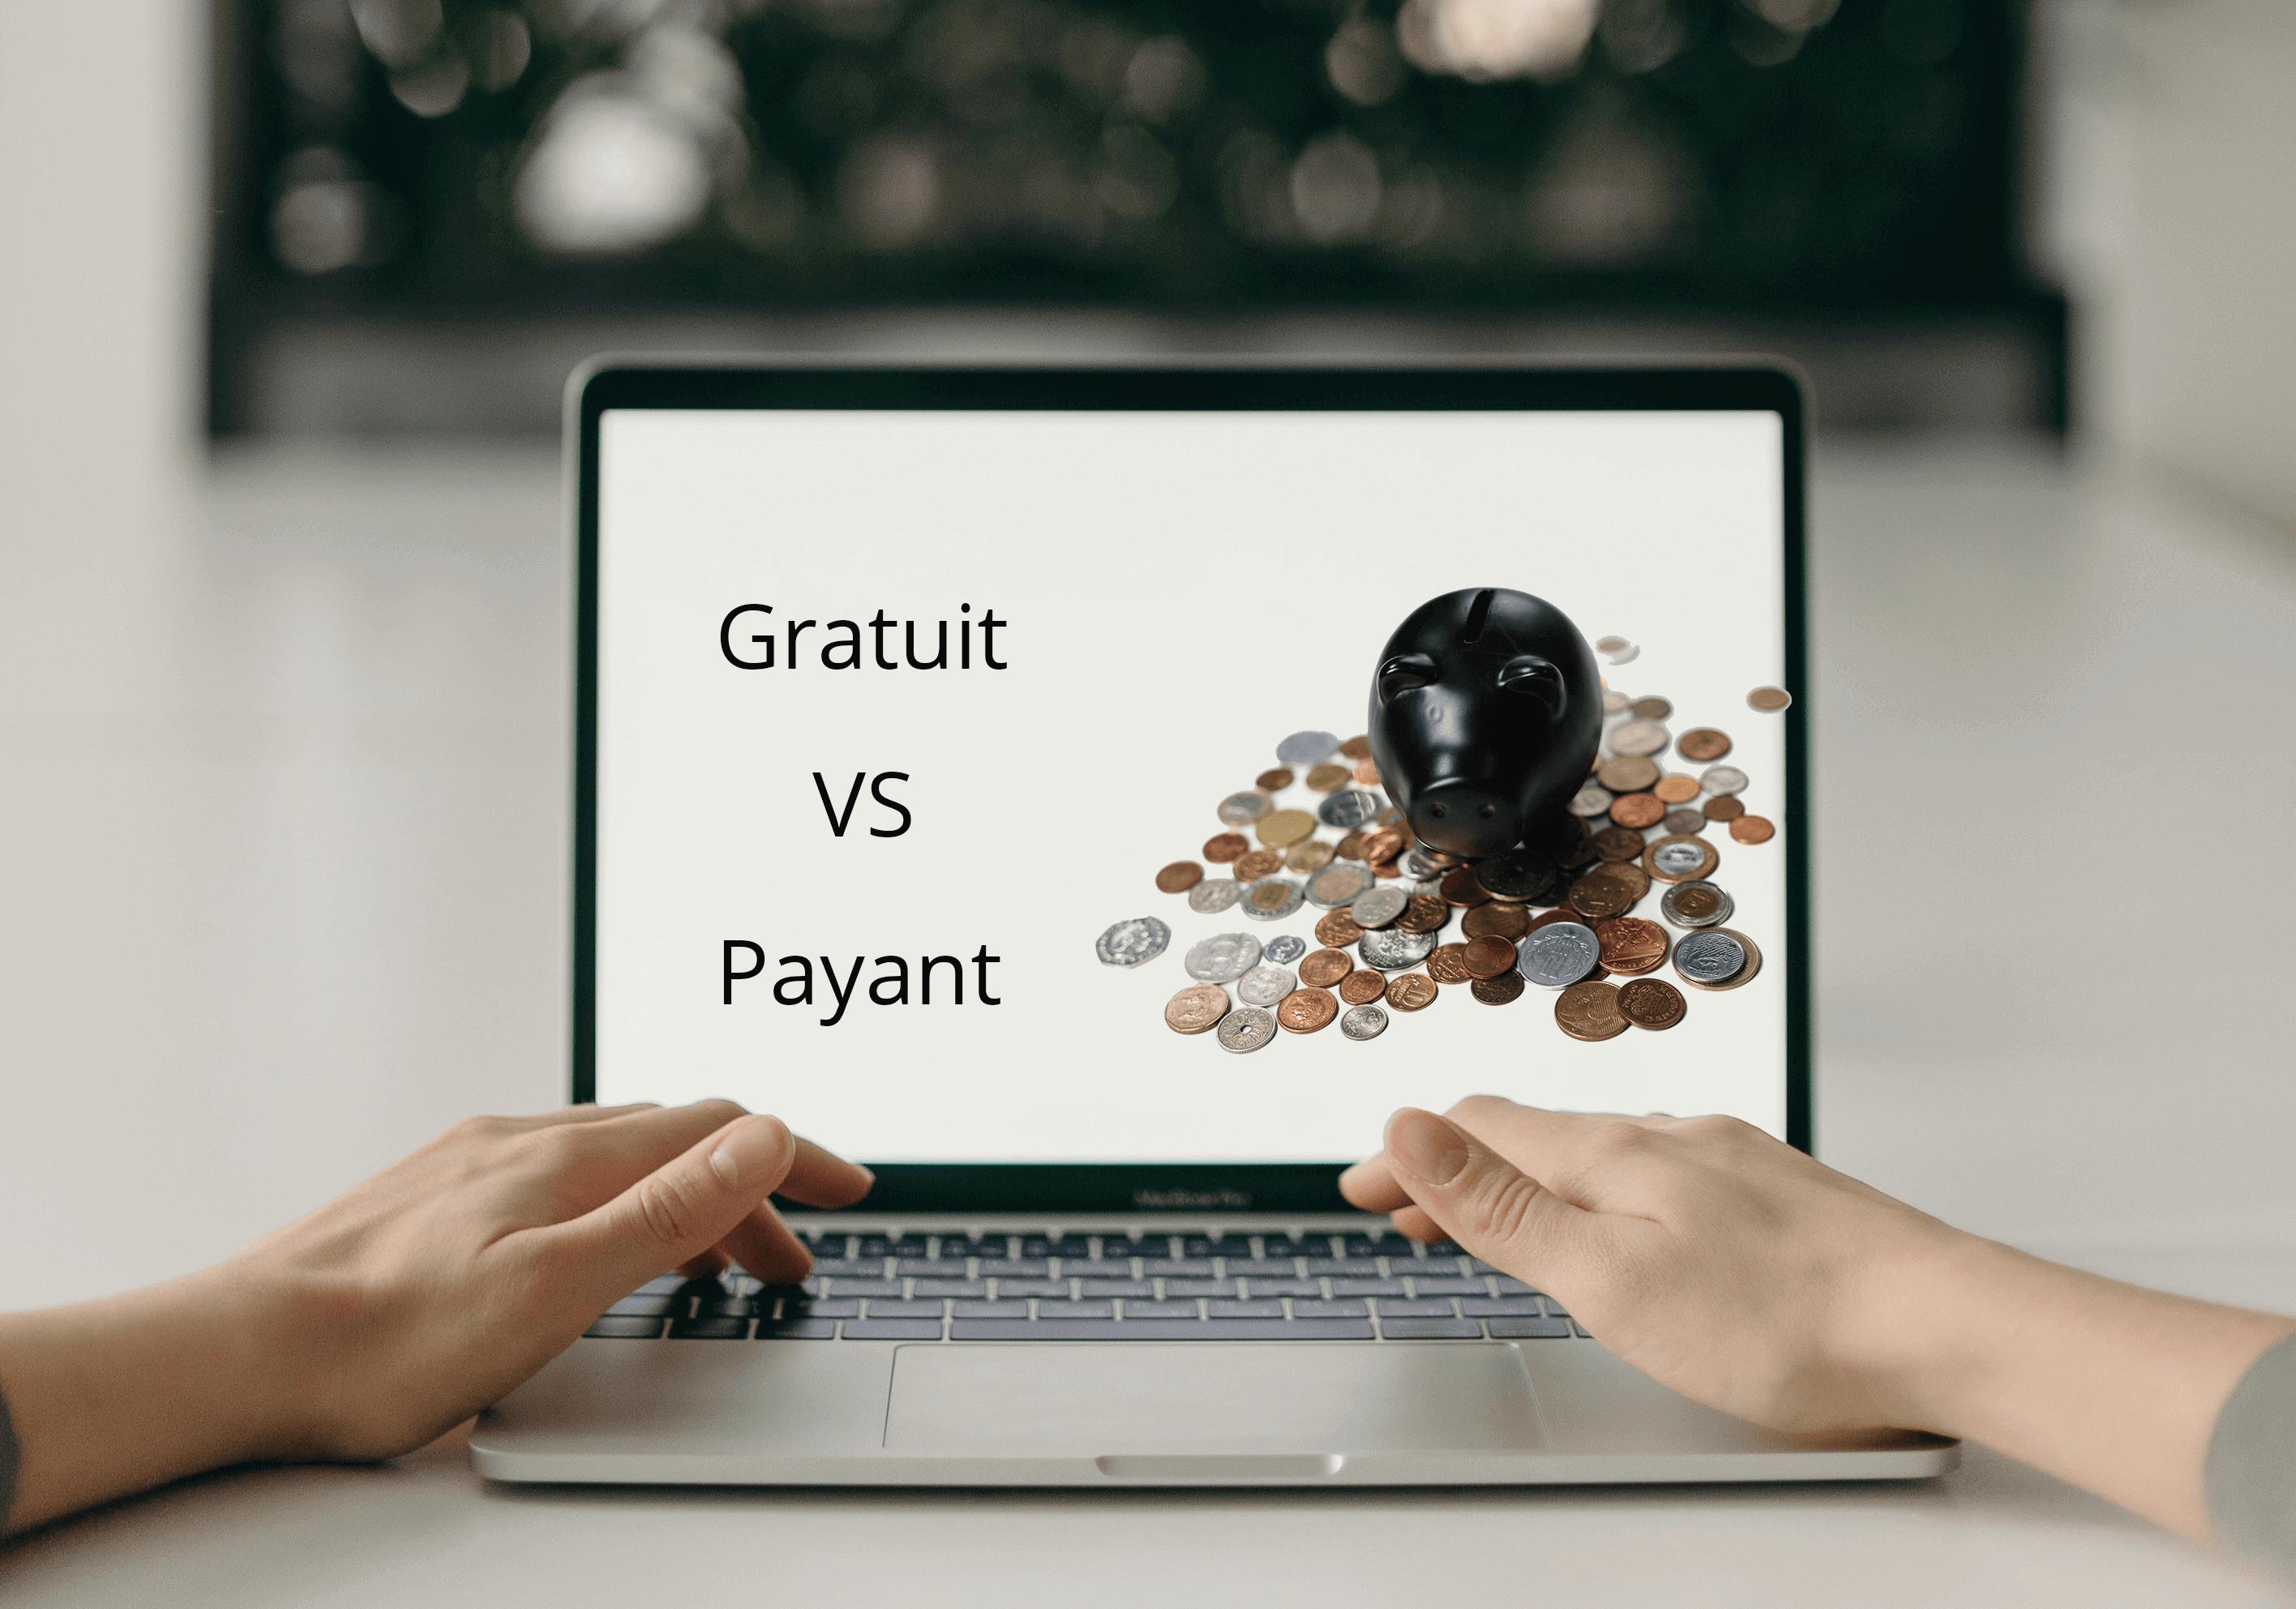 Les logiciels de correction d'orthographe - Gratuit vs payant,